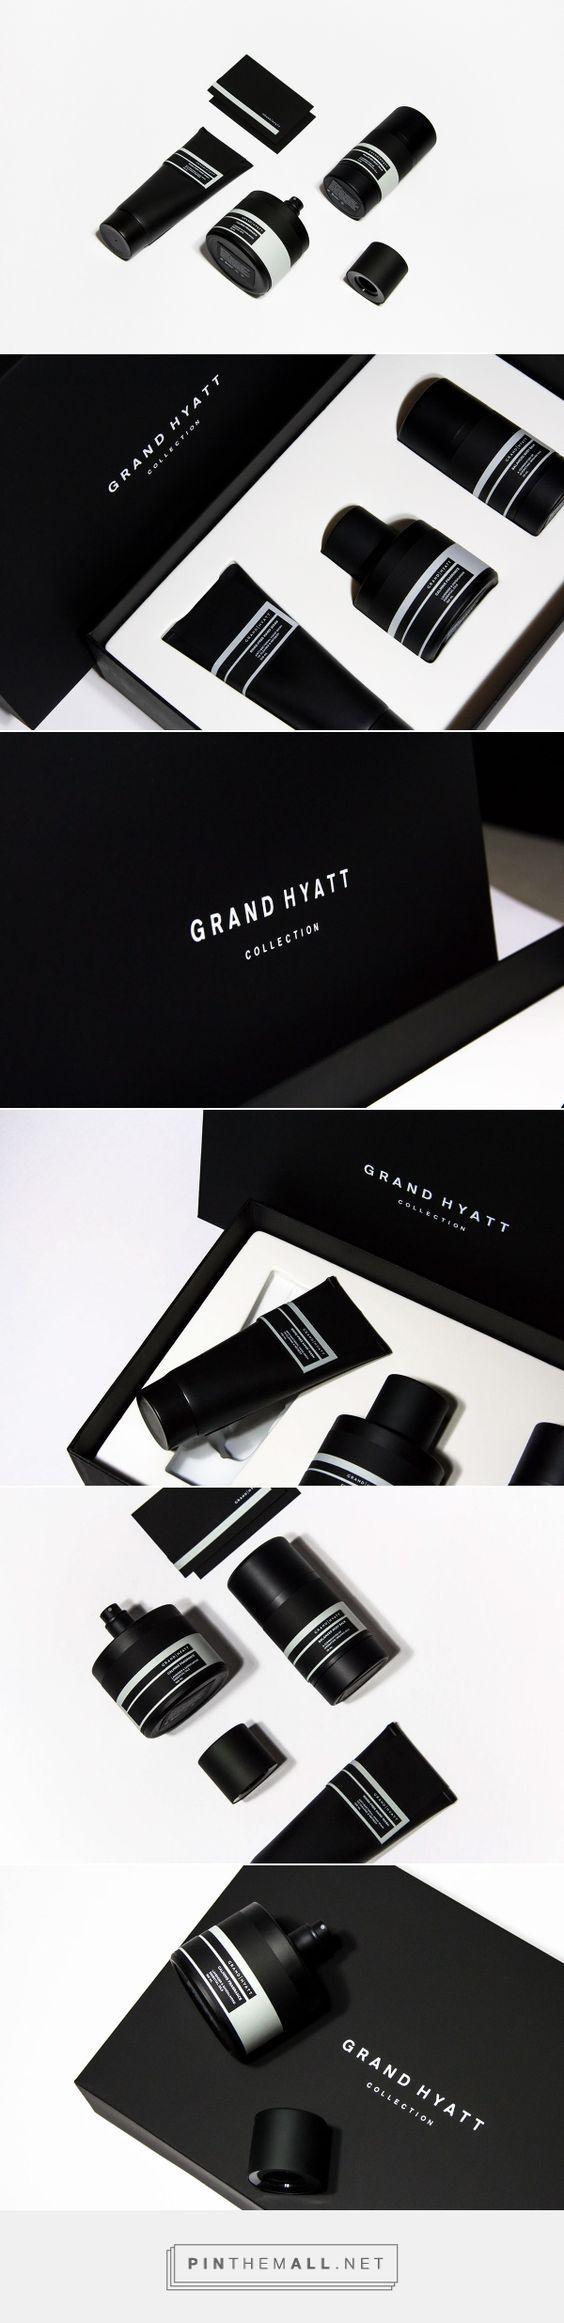 Grand Hyatt Packaging: